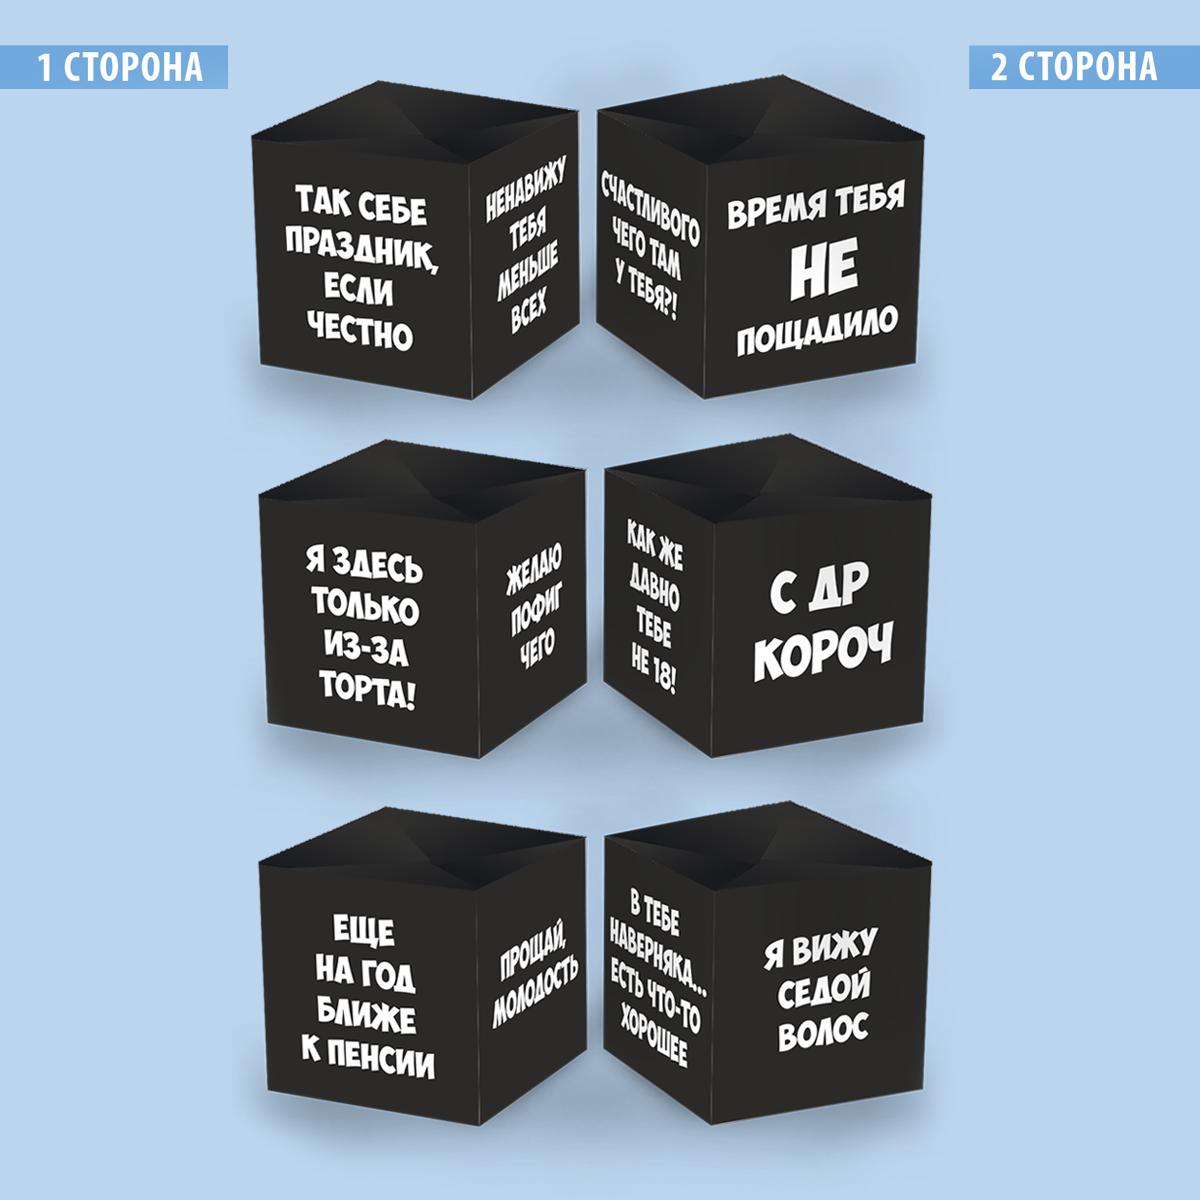 Бум-открытка - Разрешите вас отхэпибёздить! (3 кубика)